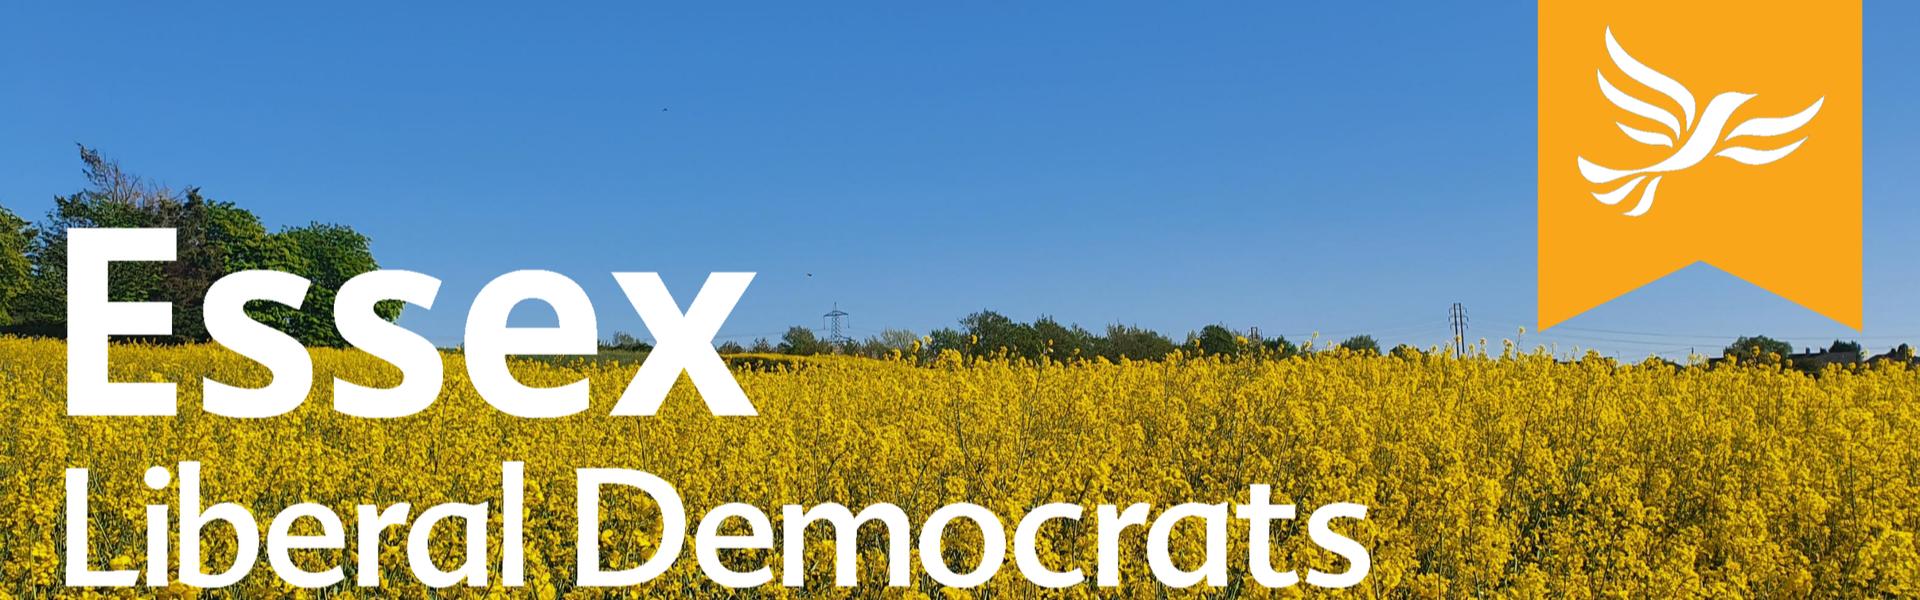 The Essex Lib Dem's Website Banner